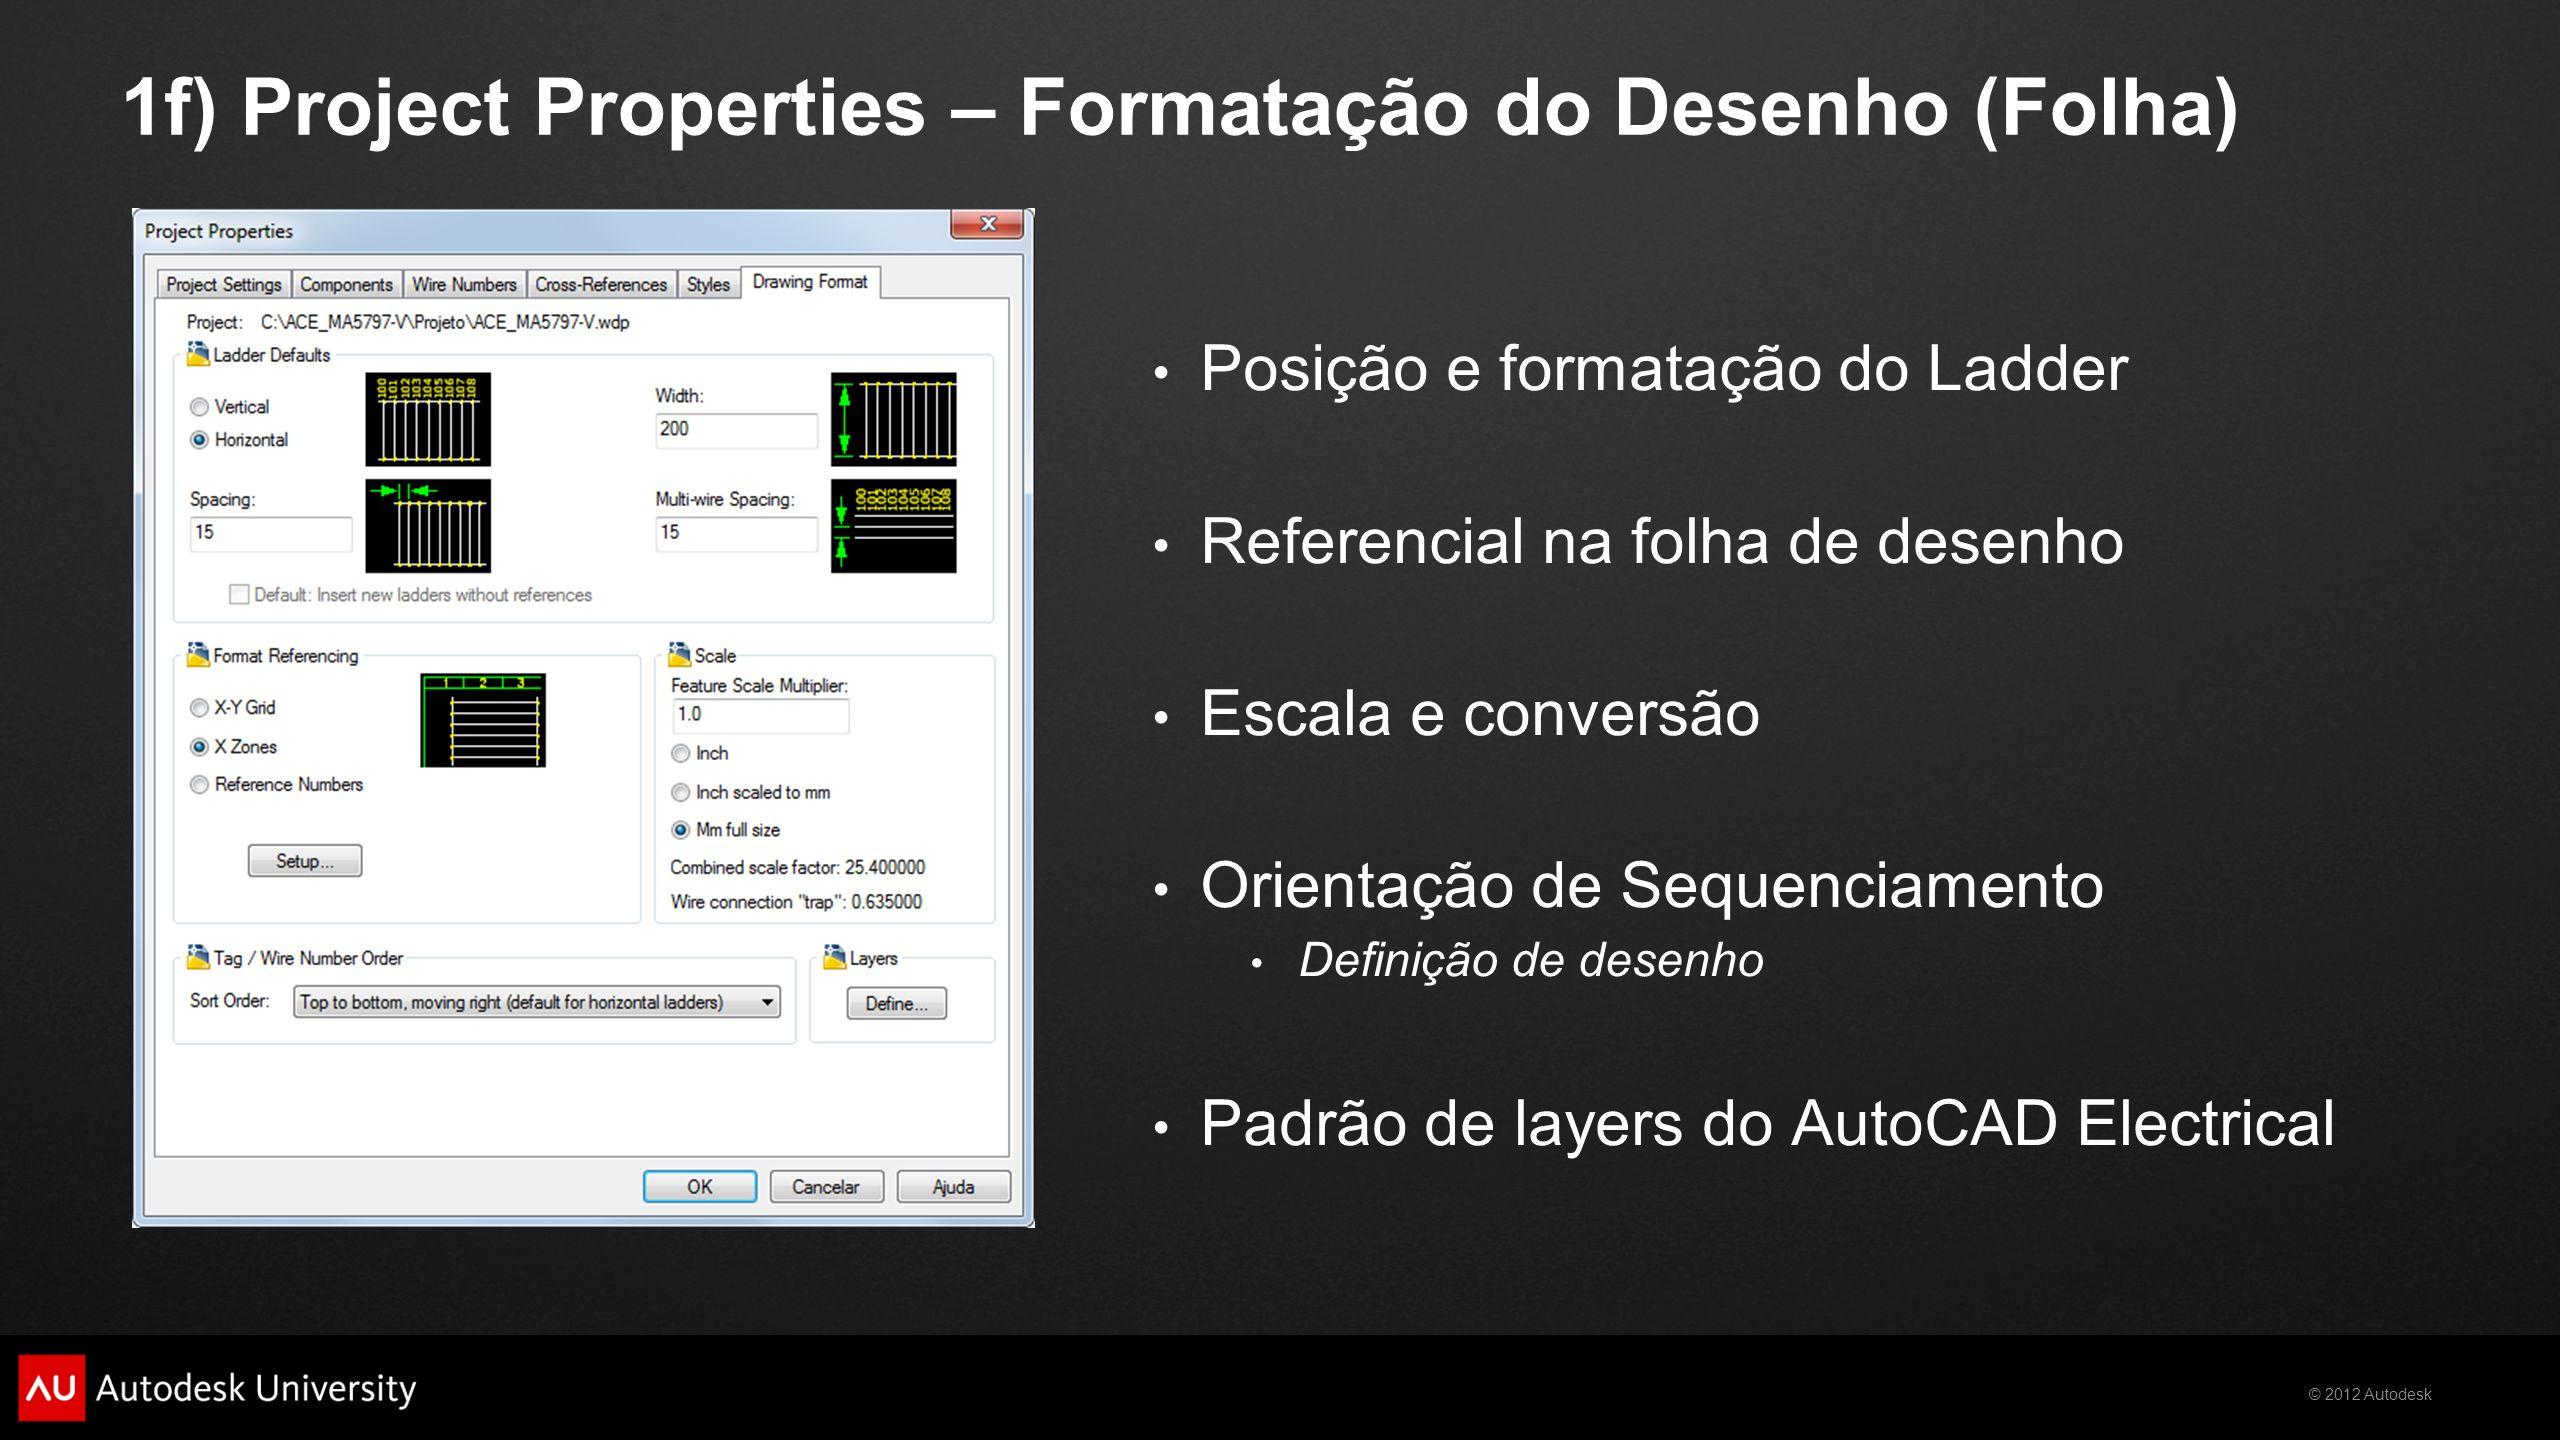 © 2012 Autodesk 1f) Project Properties – Formatação do Desenho (Folha) Posição e formatação do Ladder Referencial na folha de desenho Escala e convers